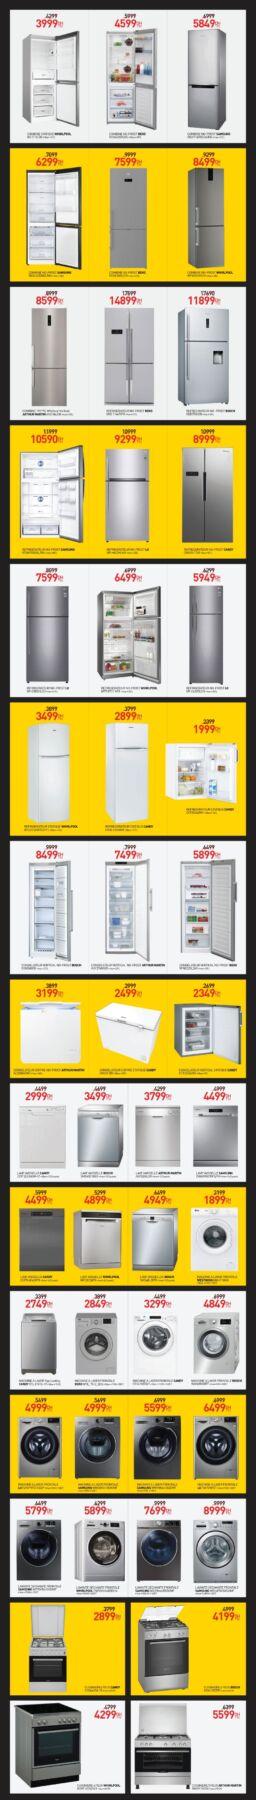 Catalogue Promotionnel Biougnach Nouvelles Aventures Nouvelles Offres